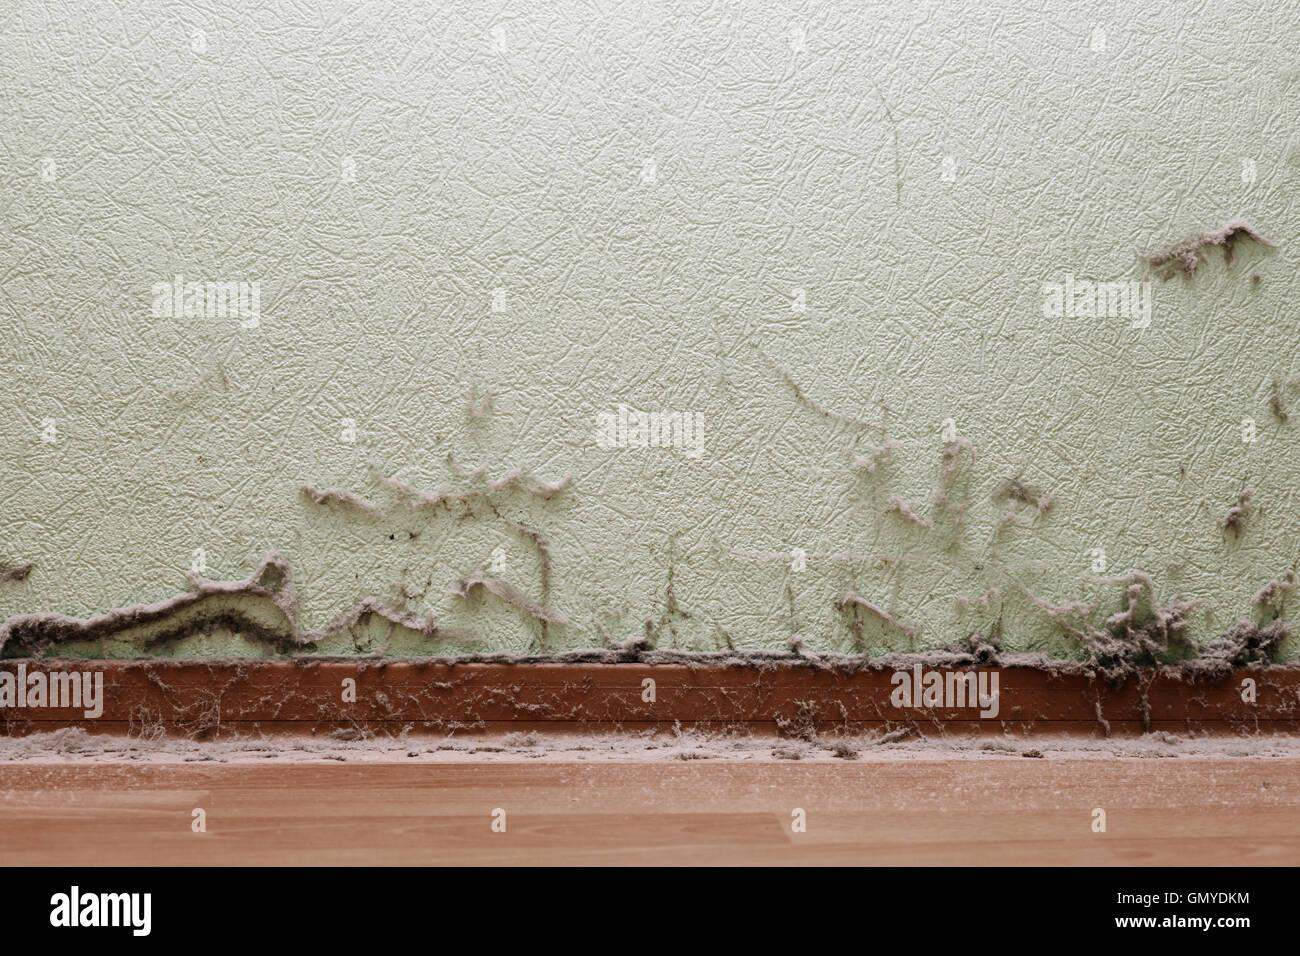 schmutzige zimmer mit staub auf wand und boden stockfoto bild 116158776 alamy. Black Bedroom Furniture Sets. Home Design Ideas